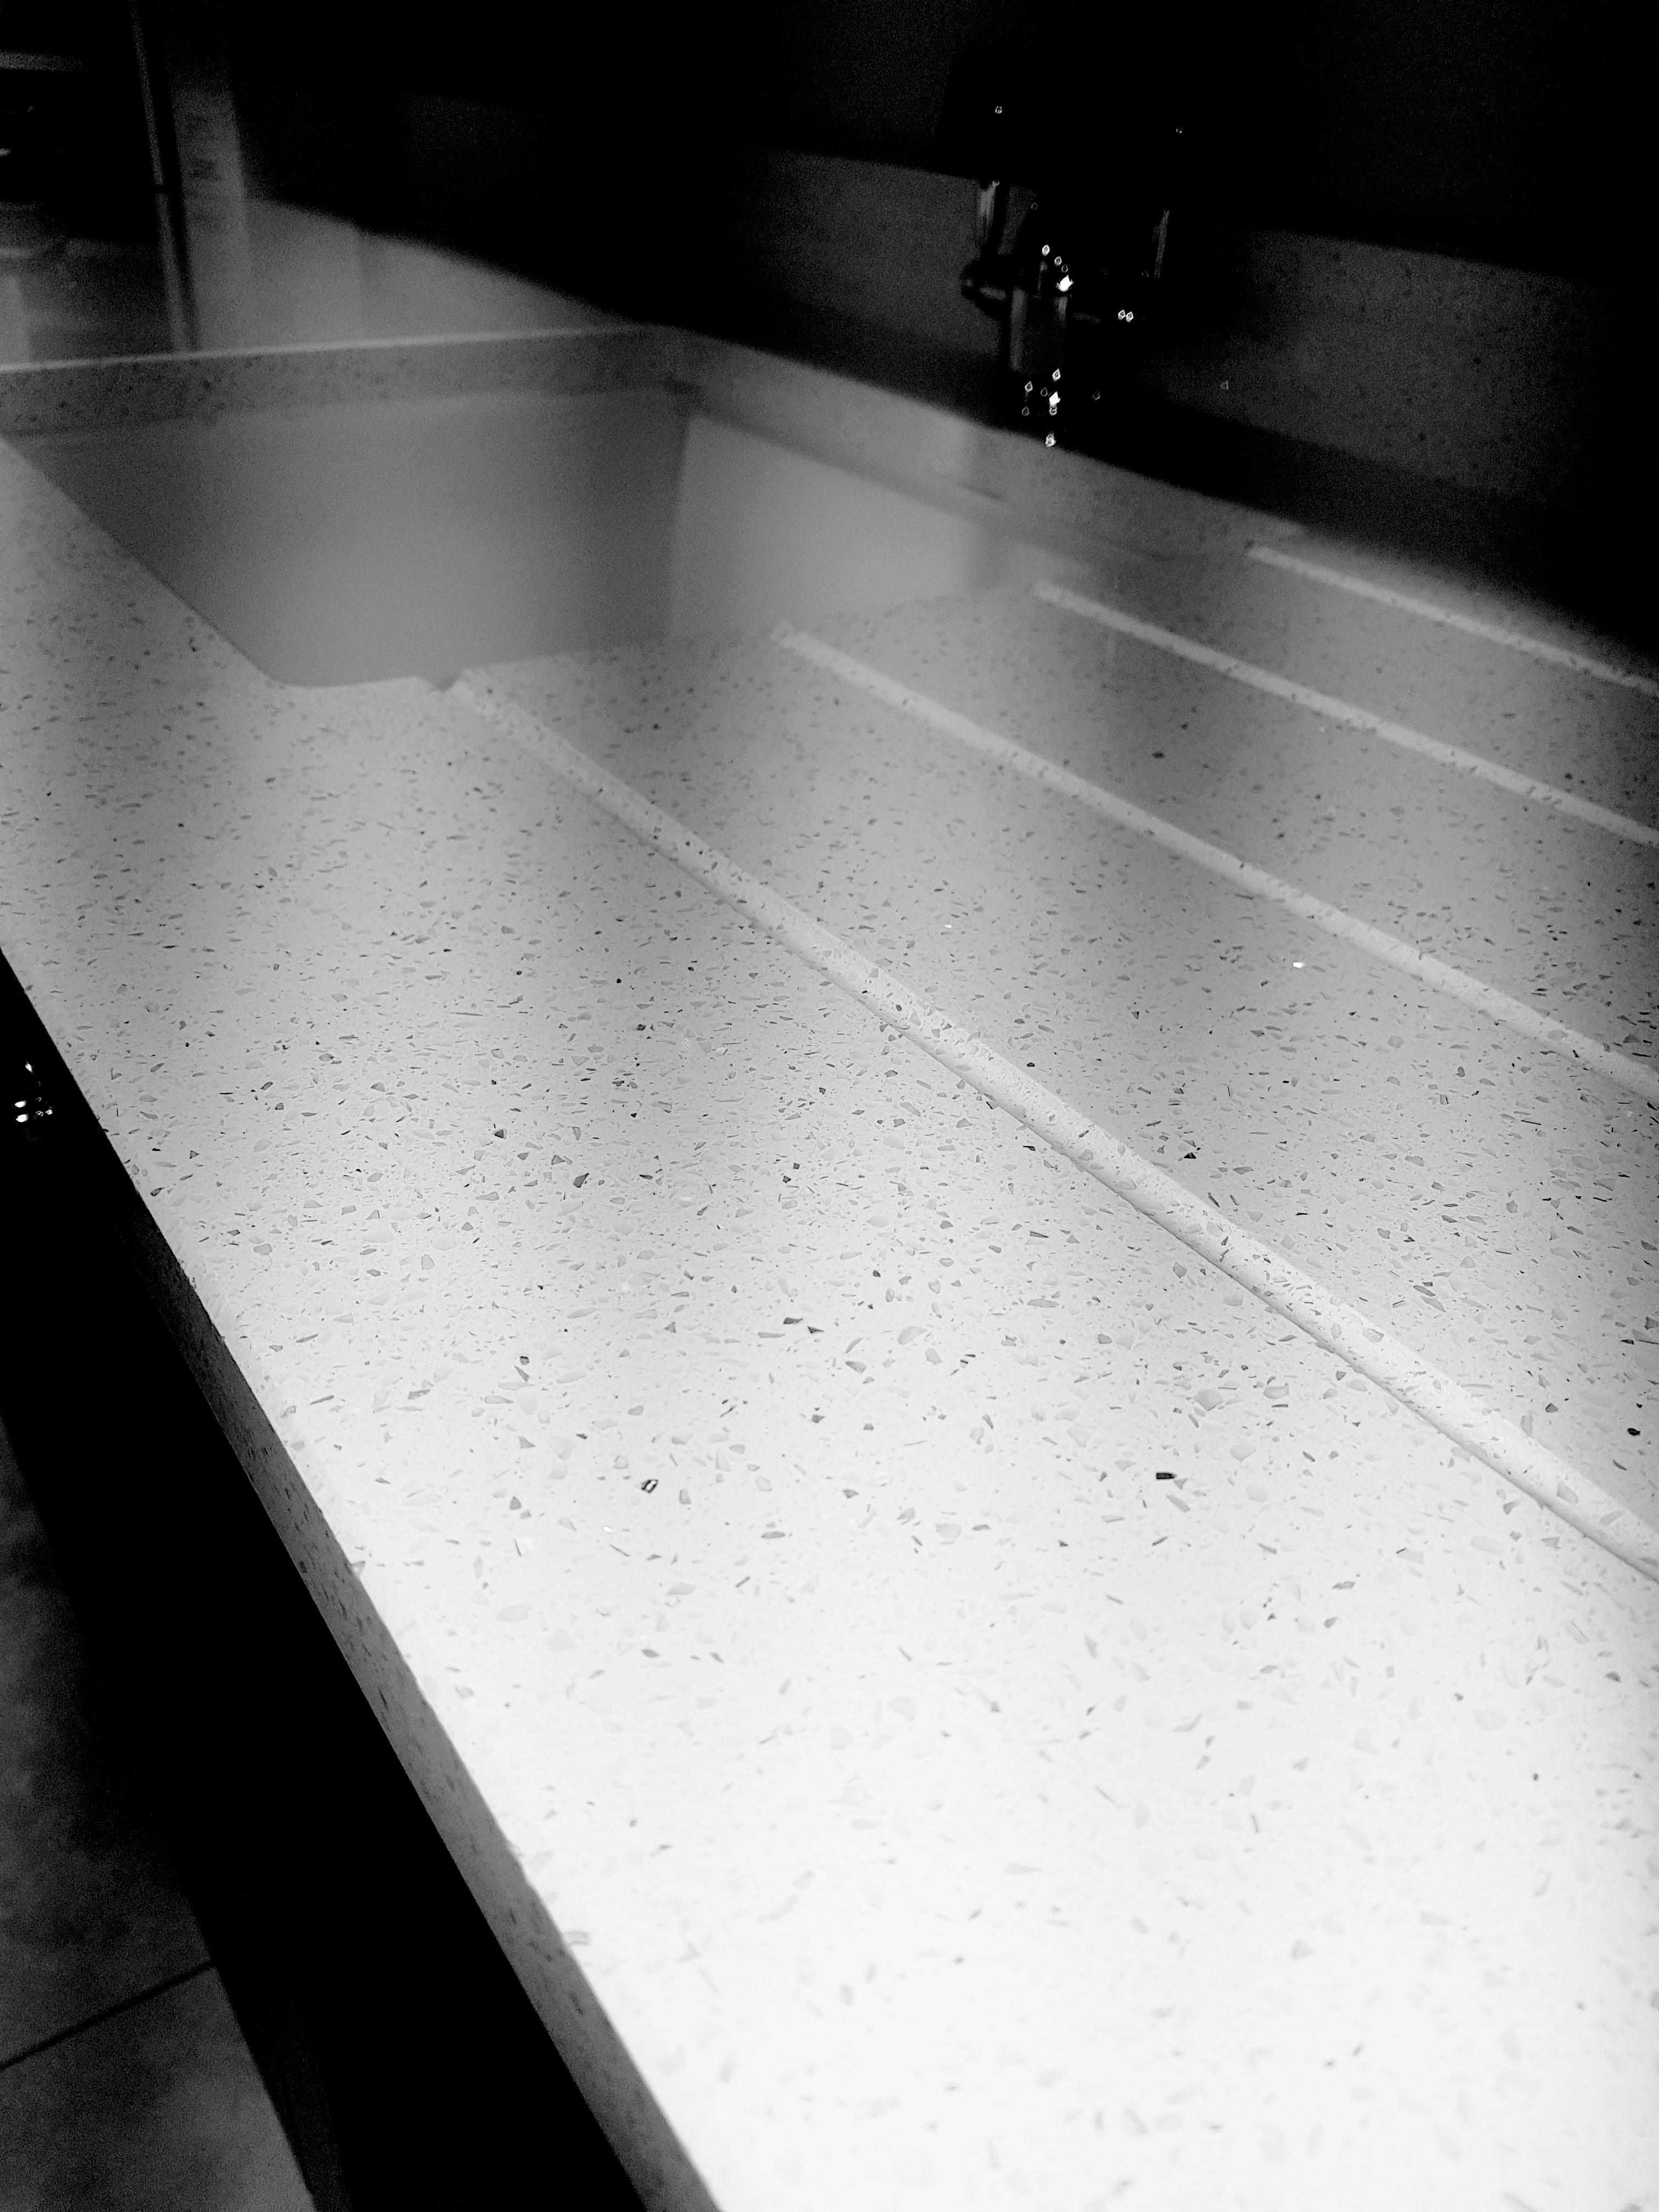 Quartz kitchen worktop with undermount sink